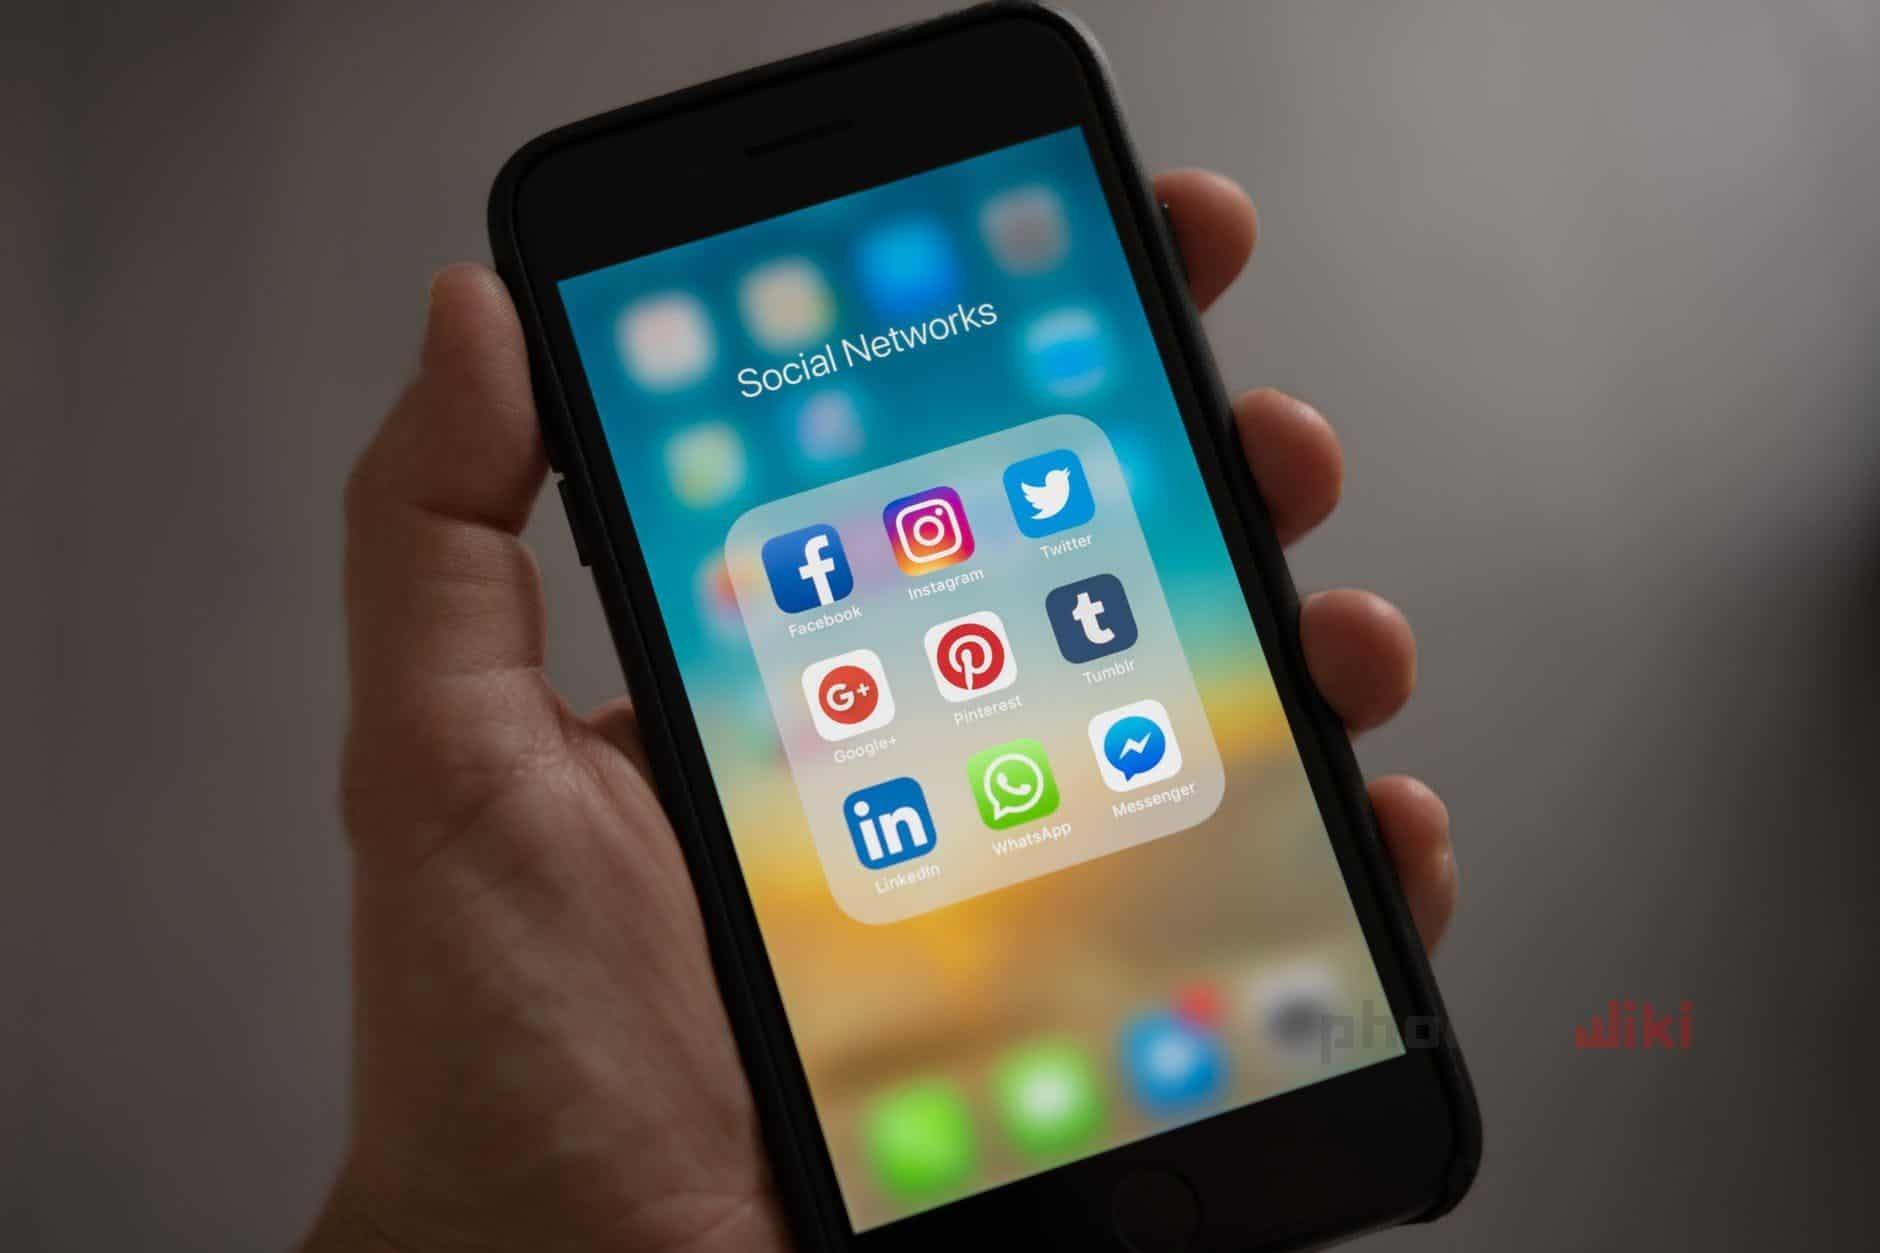 قيود حدودية وافتراضية: حملة لإمباكت لوقف حظر مكالمات الإنترنت في الخليج